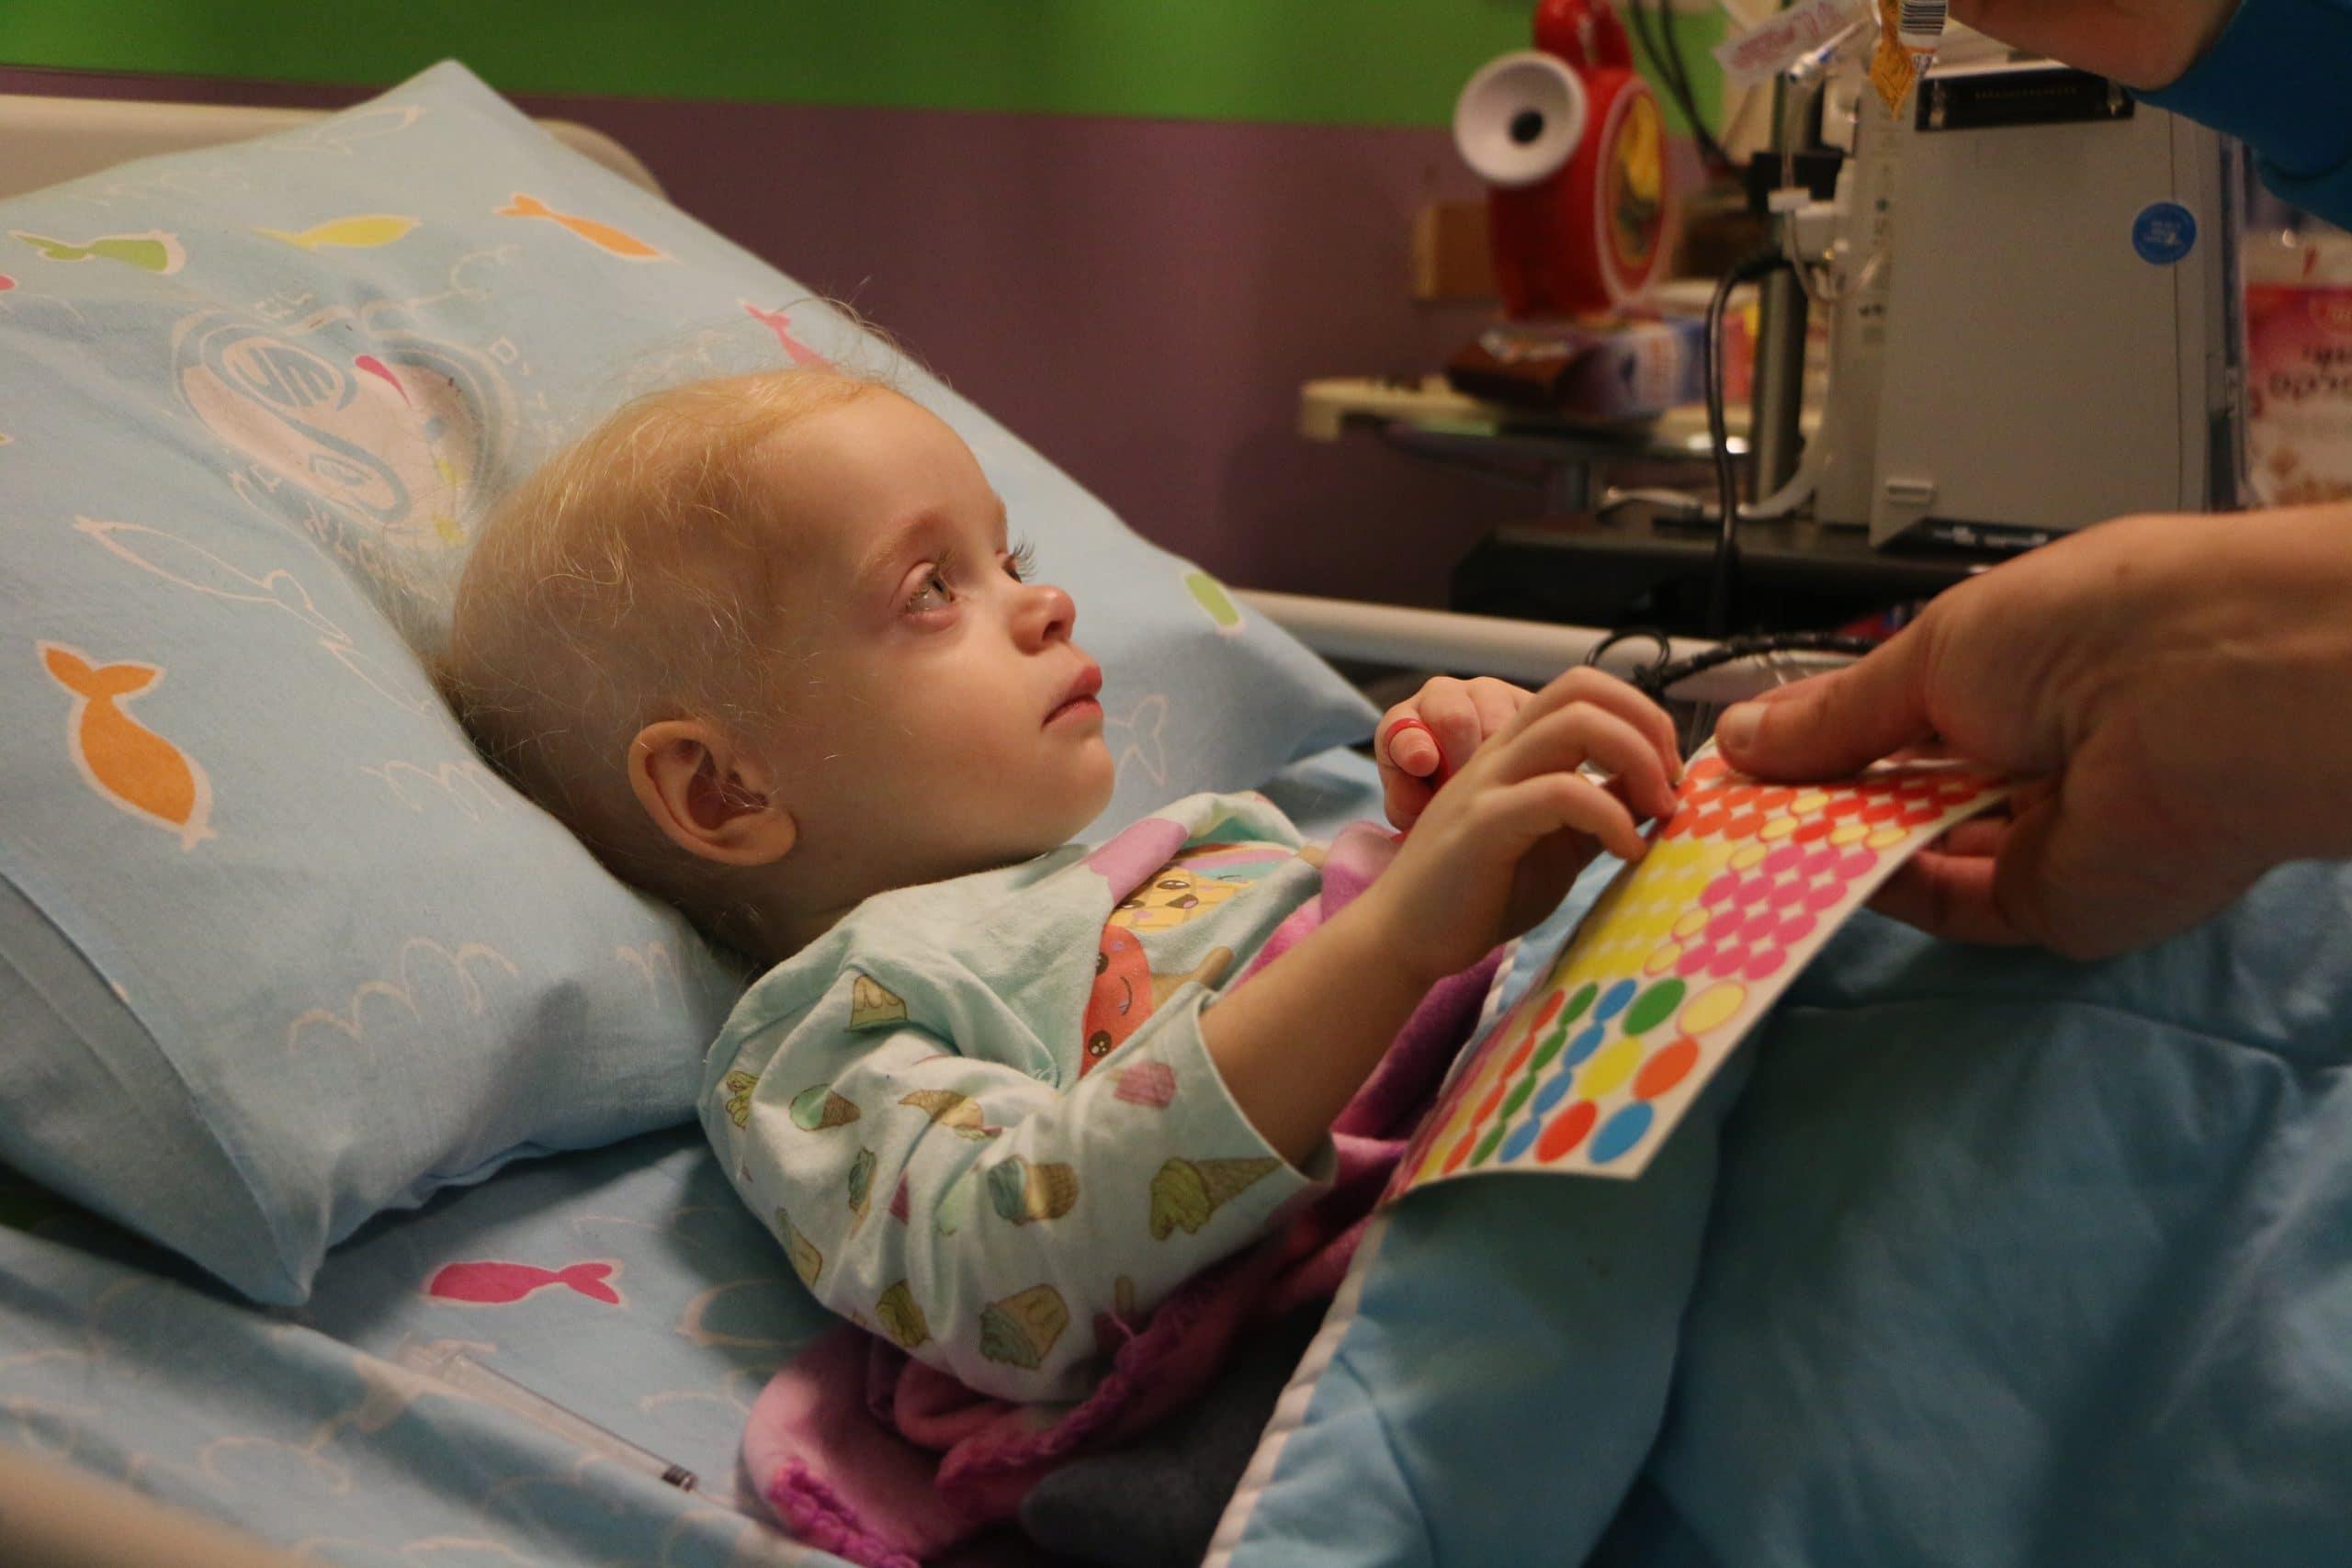 בדיקות גנטיות וסיוע רפואי למען ילדים חולי סרטן - רחשי לב